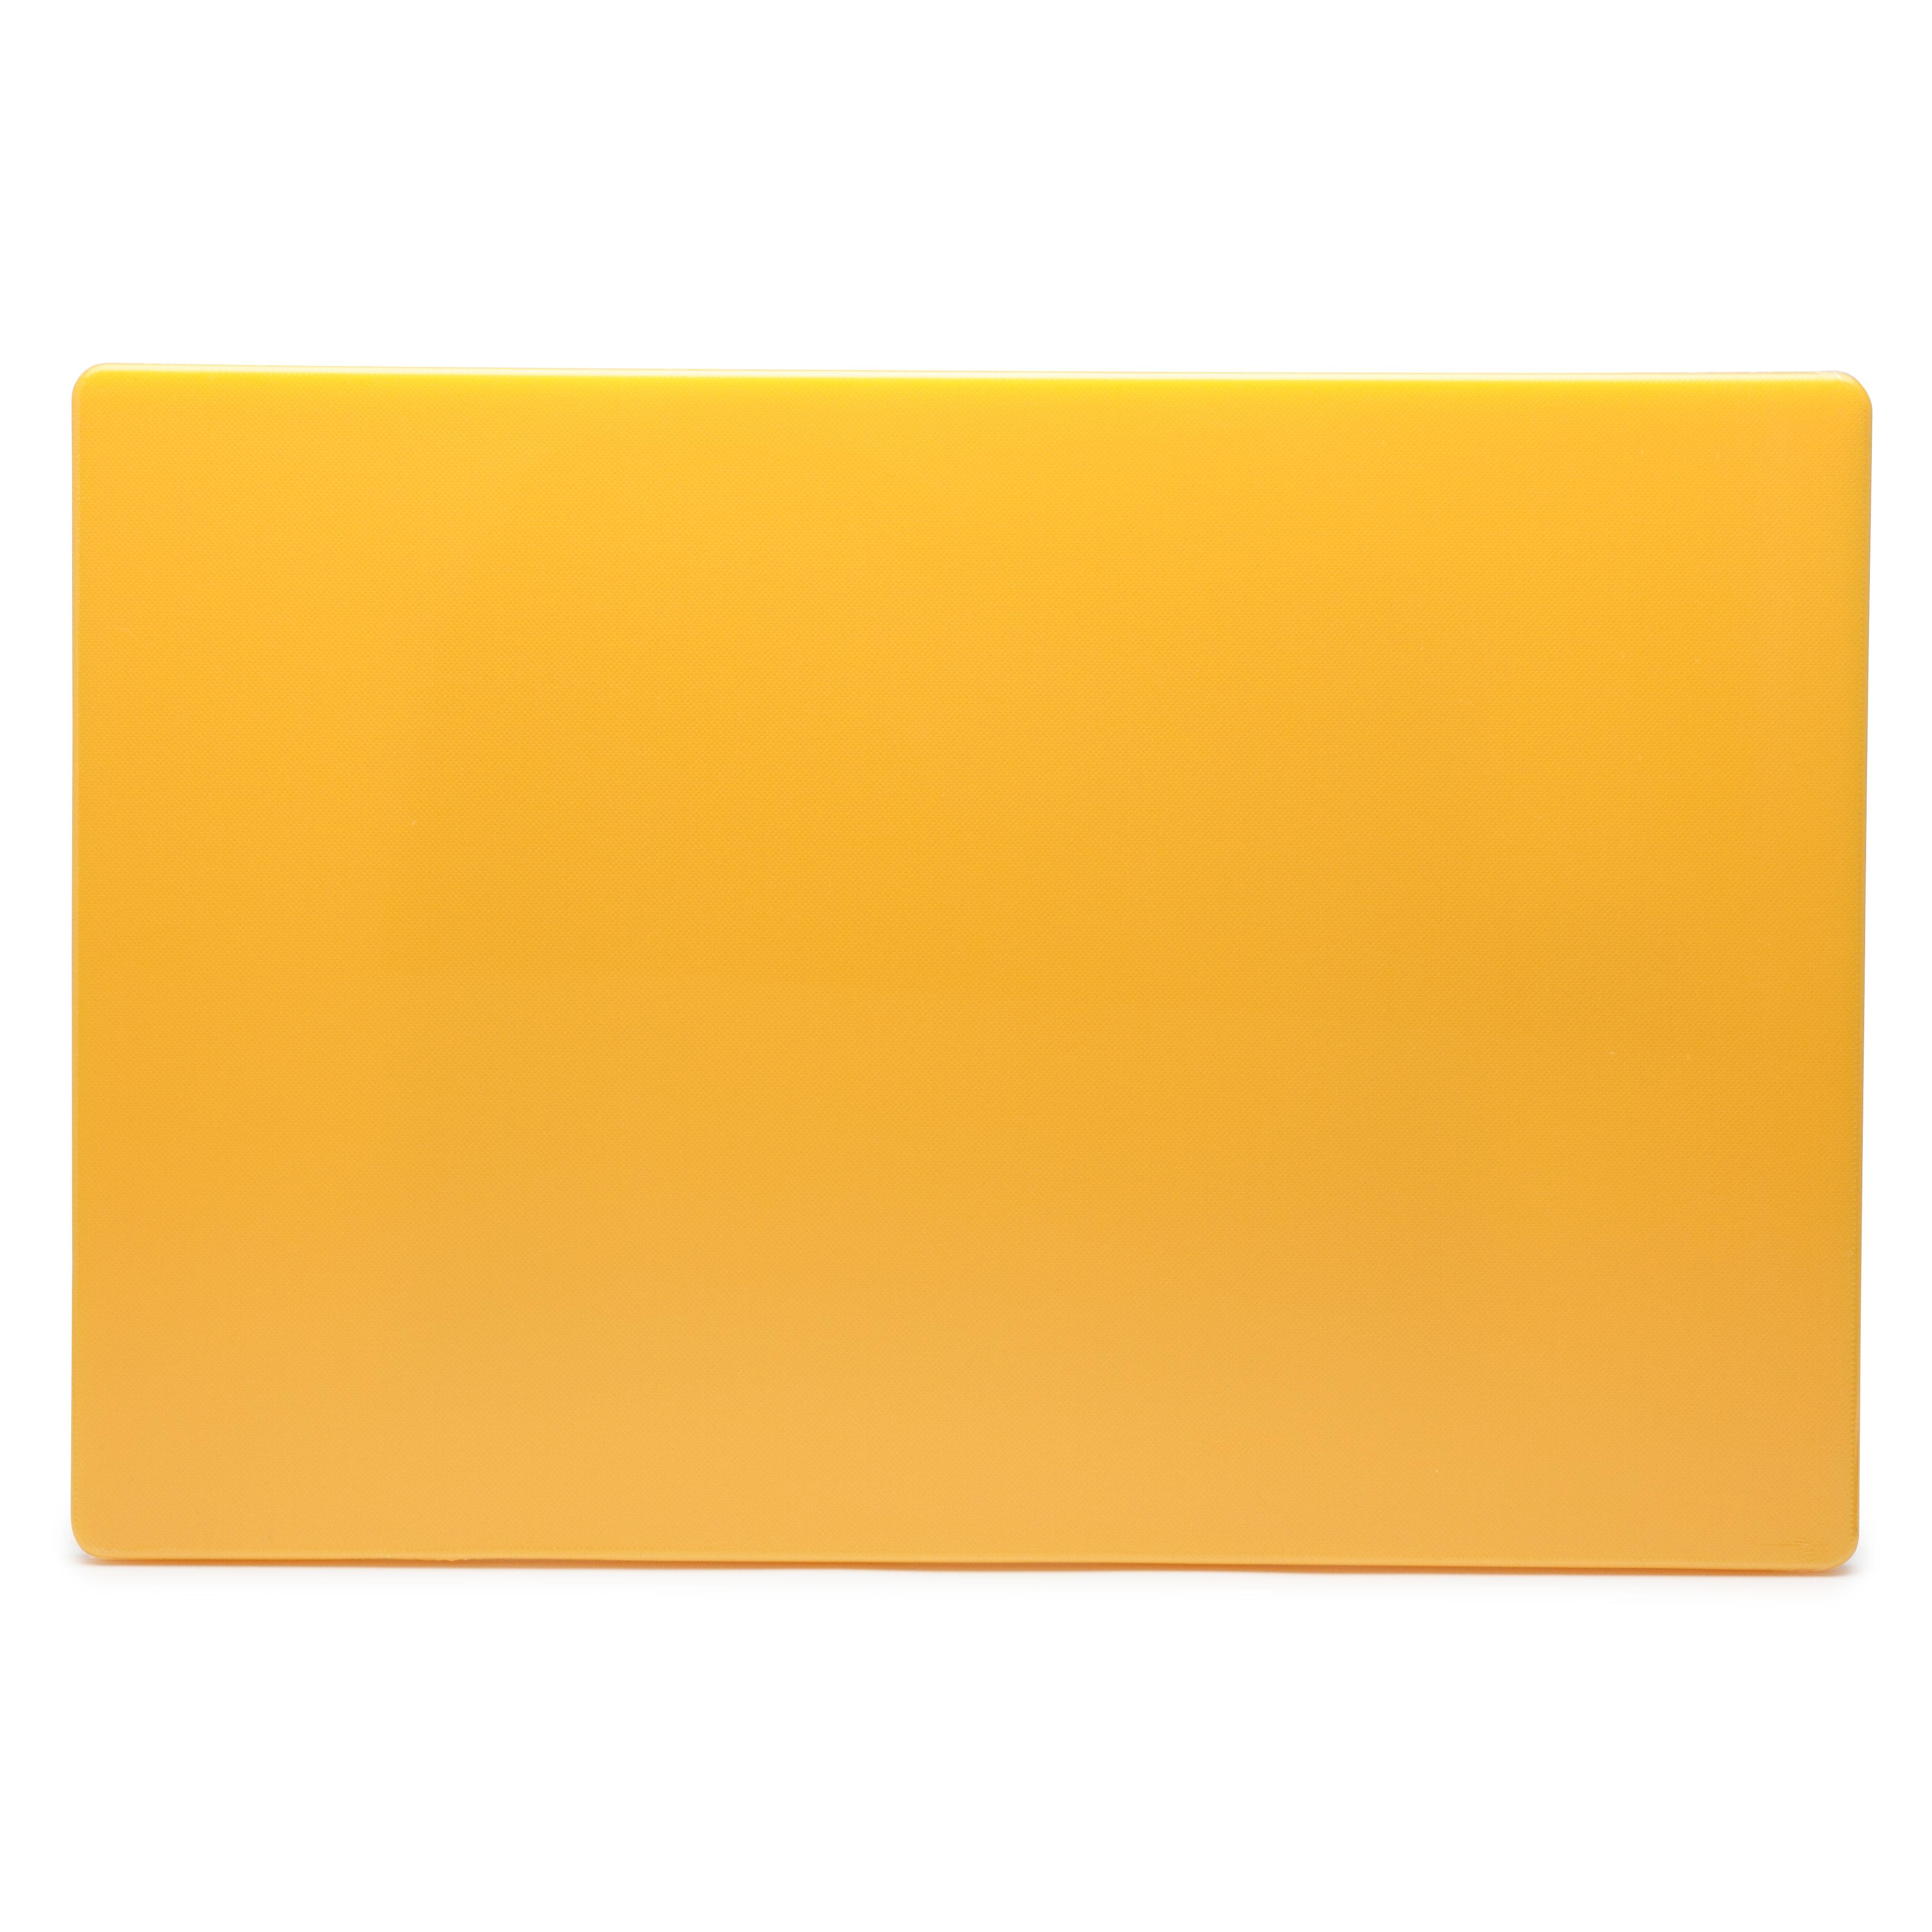 Royal Industries ROY CB 1218 Y cutting board, plastic